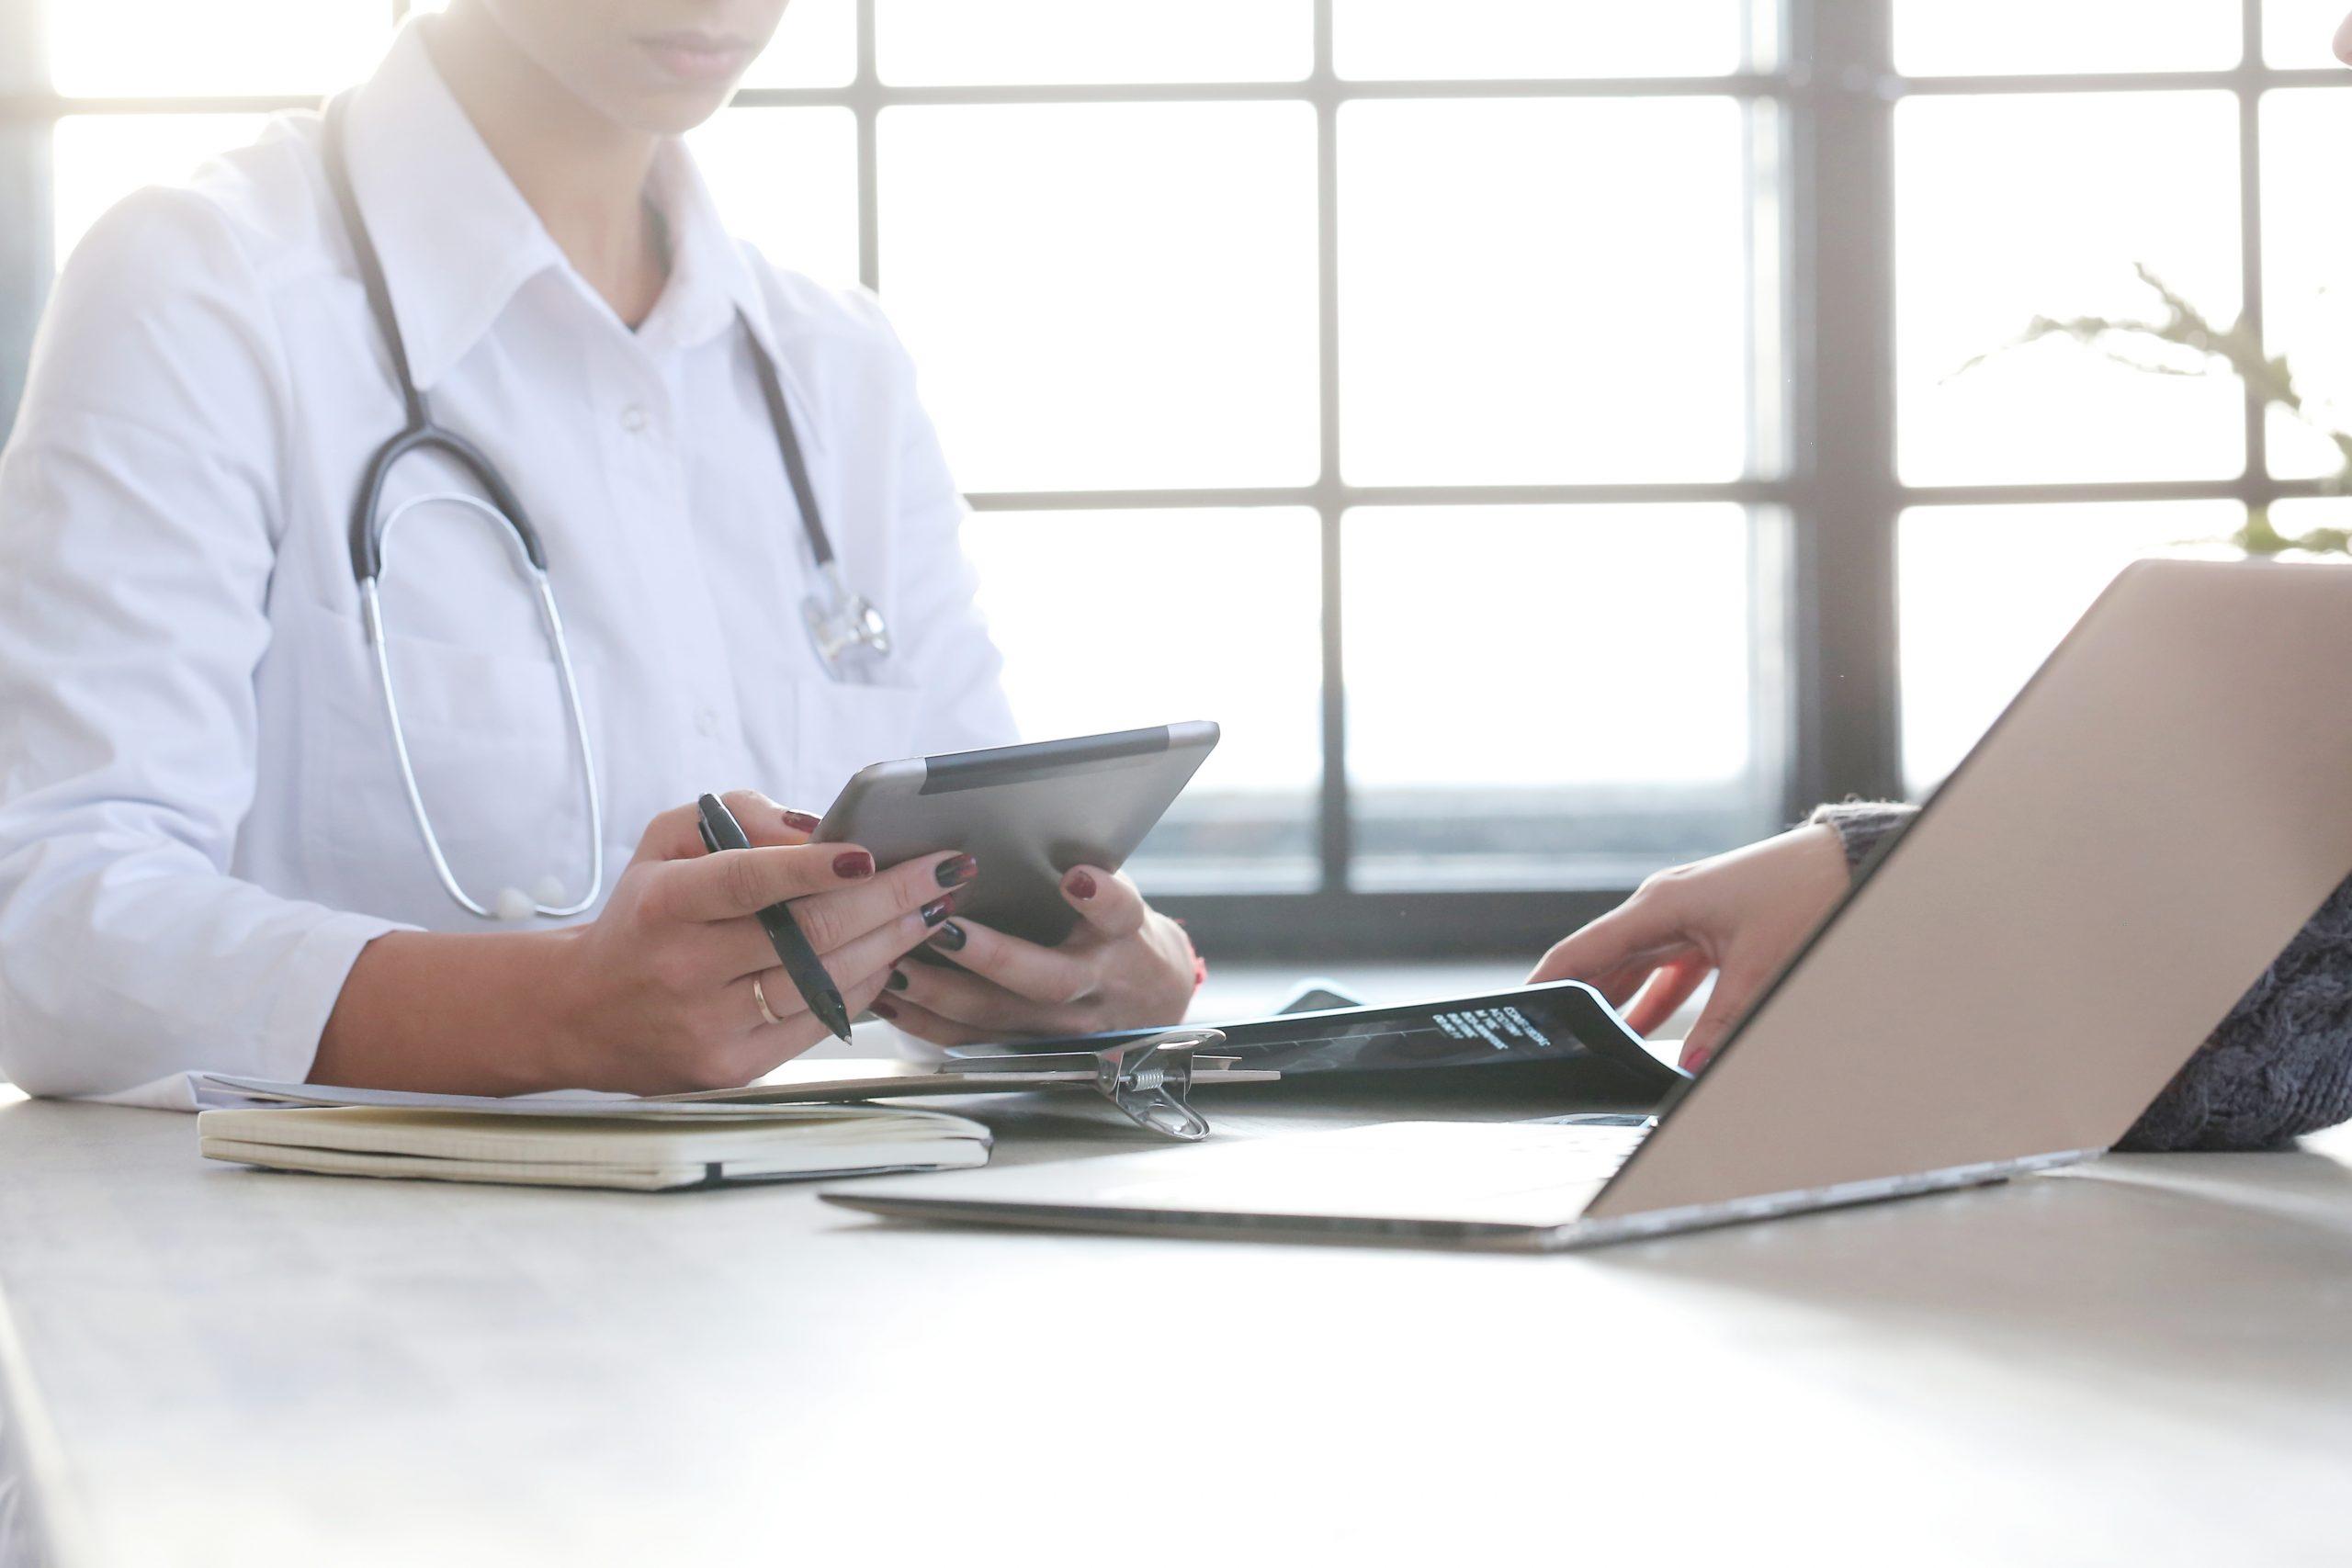 Naruszenia bezpieczeństwa danych w opiece zdrowotnej